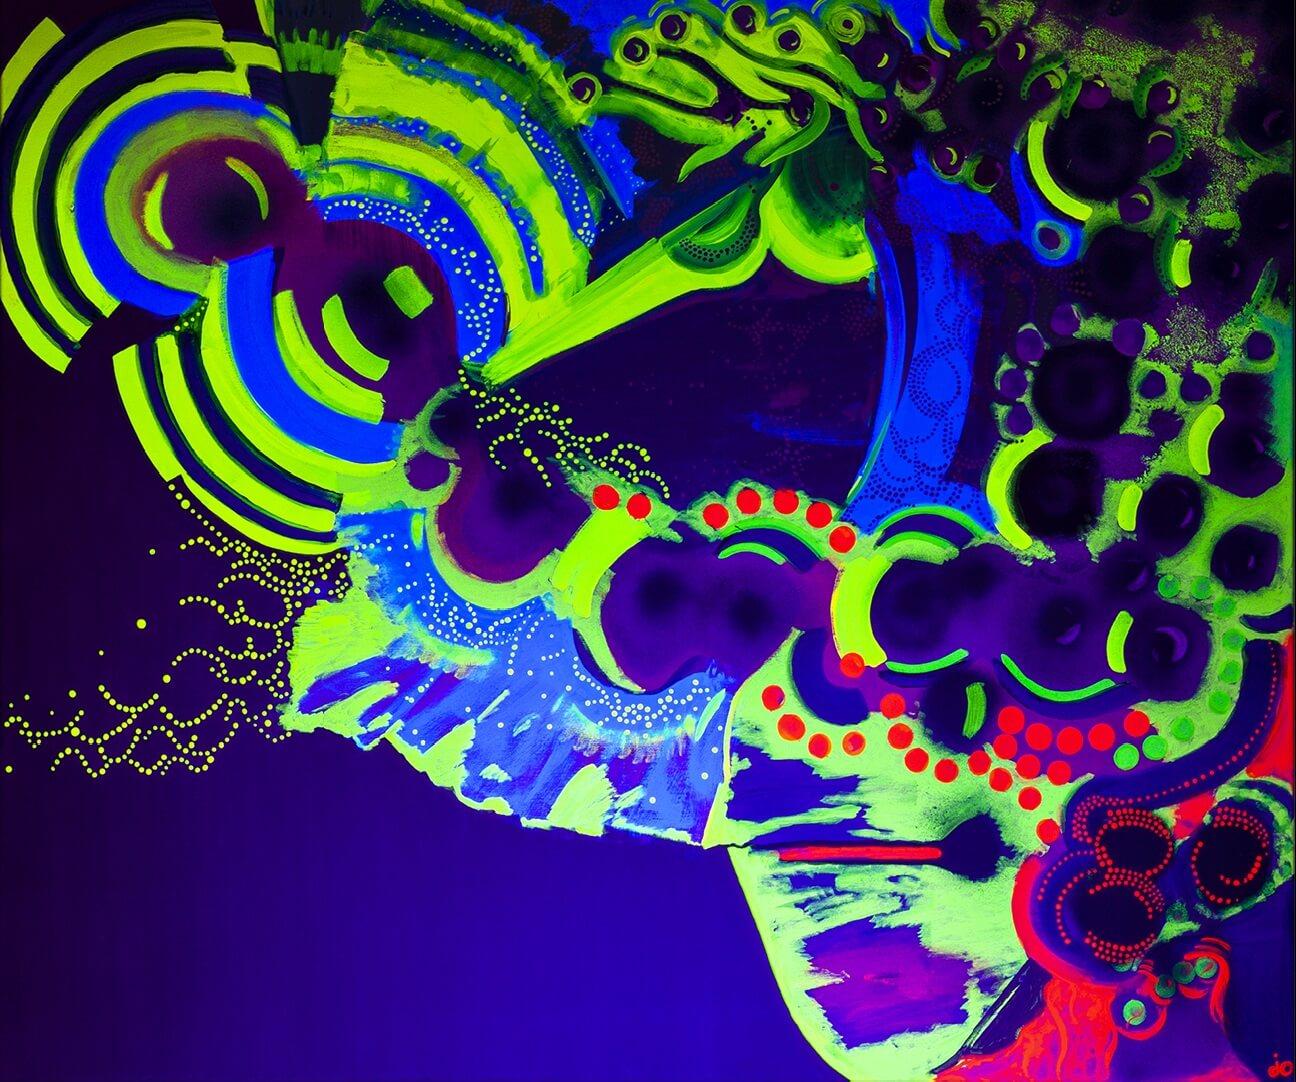 uv art, uv, uv artist, psychodelic art, ultrafiolet, obraz uv, obraz uv